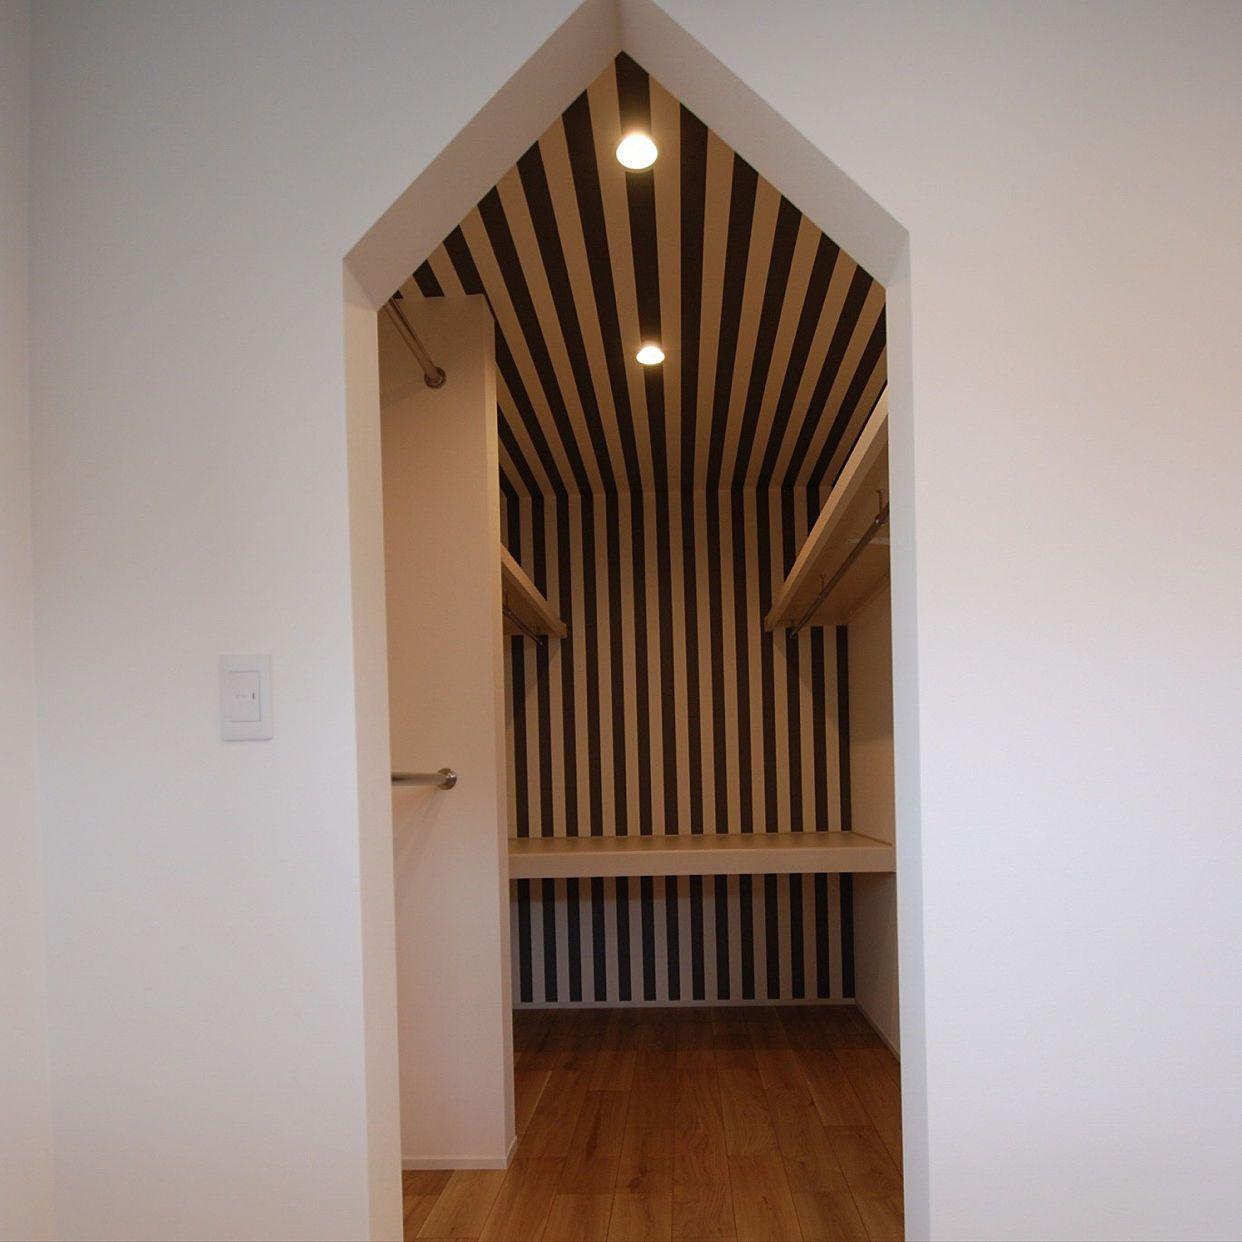 壁 天井 ウォークインクローゼット 寝室 壁紙 ストライプのインテリア